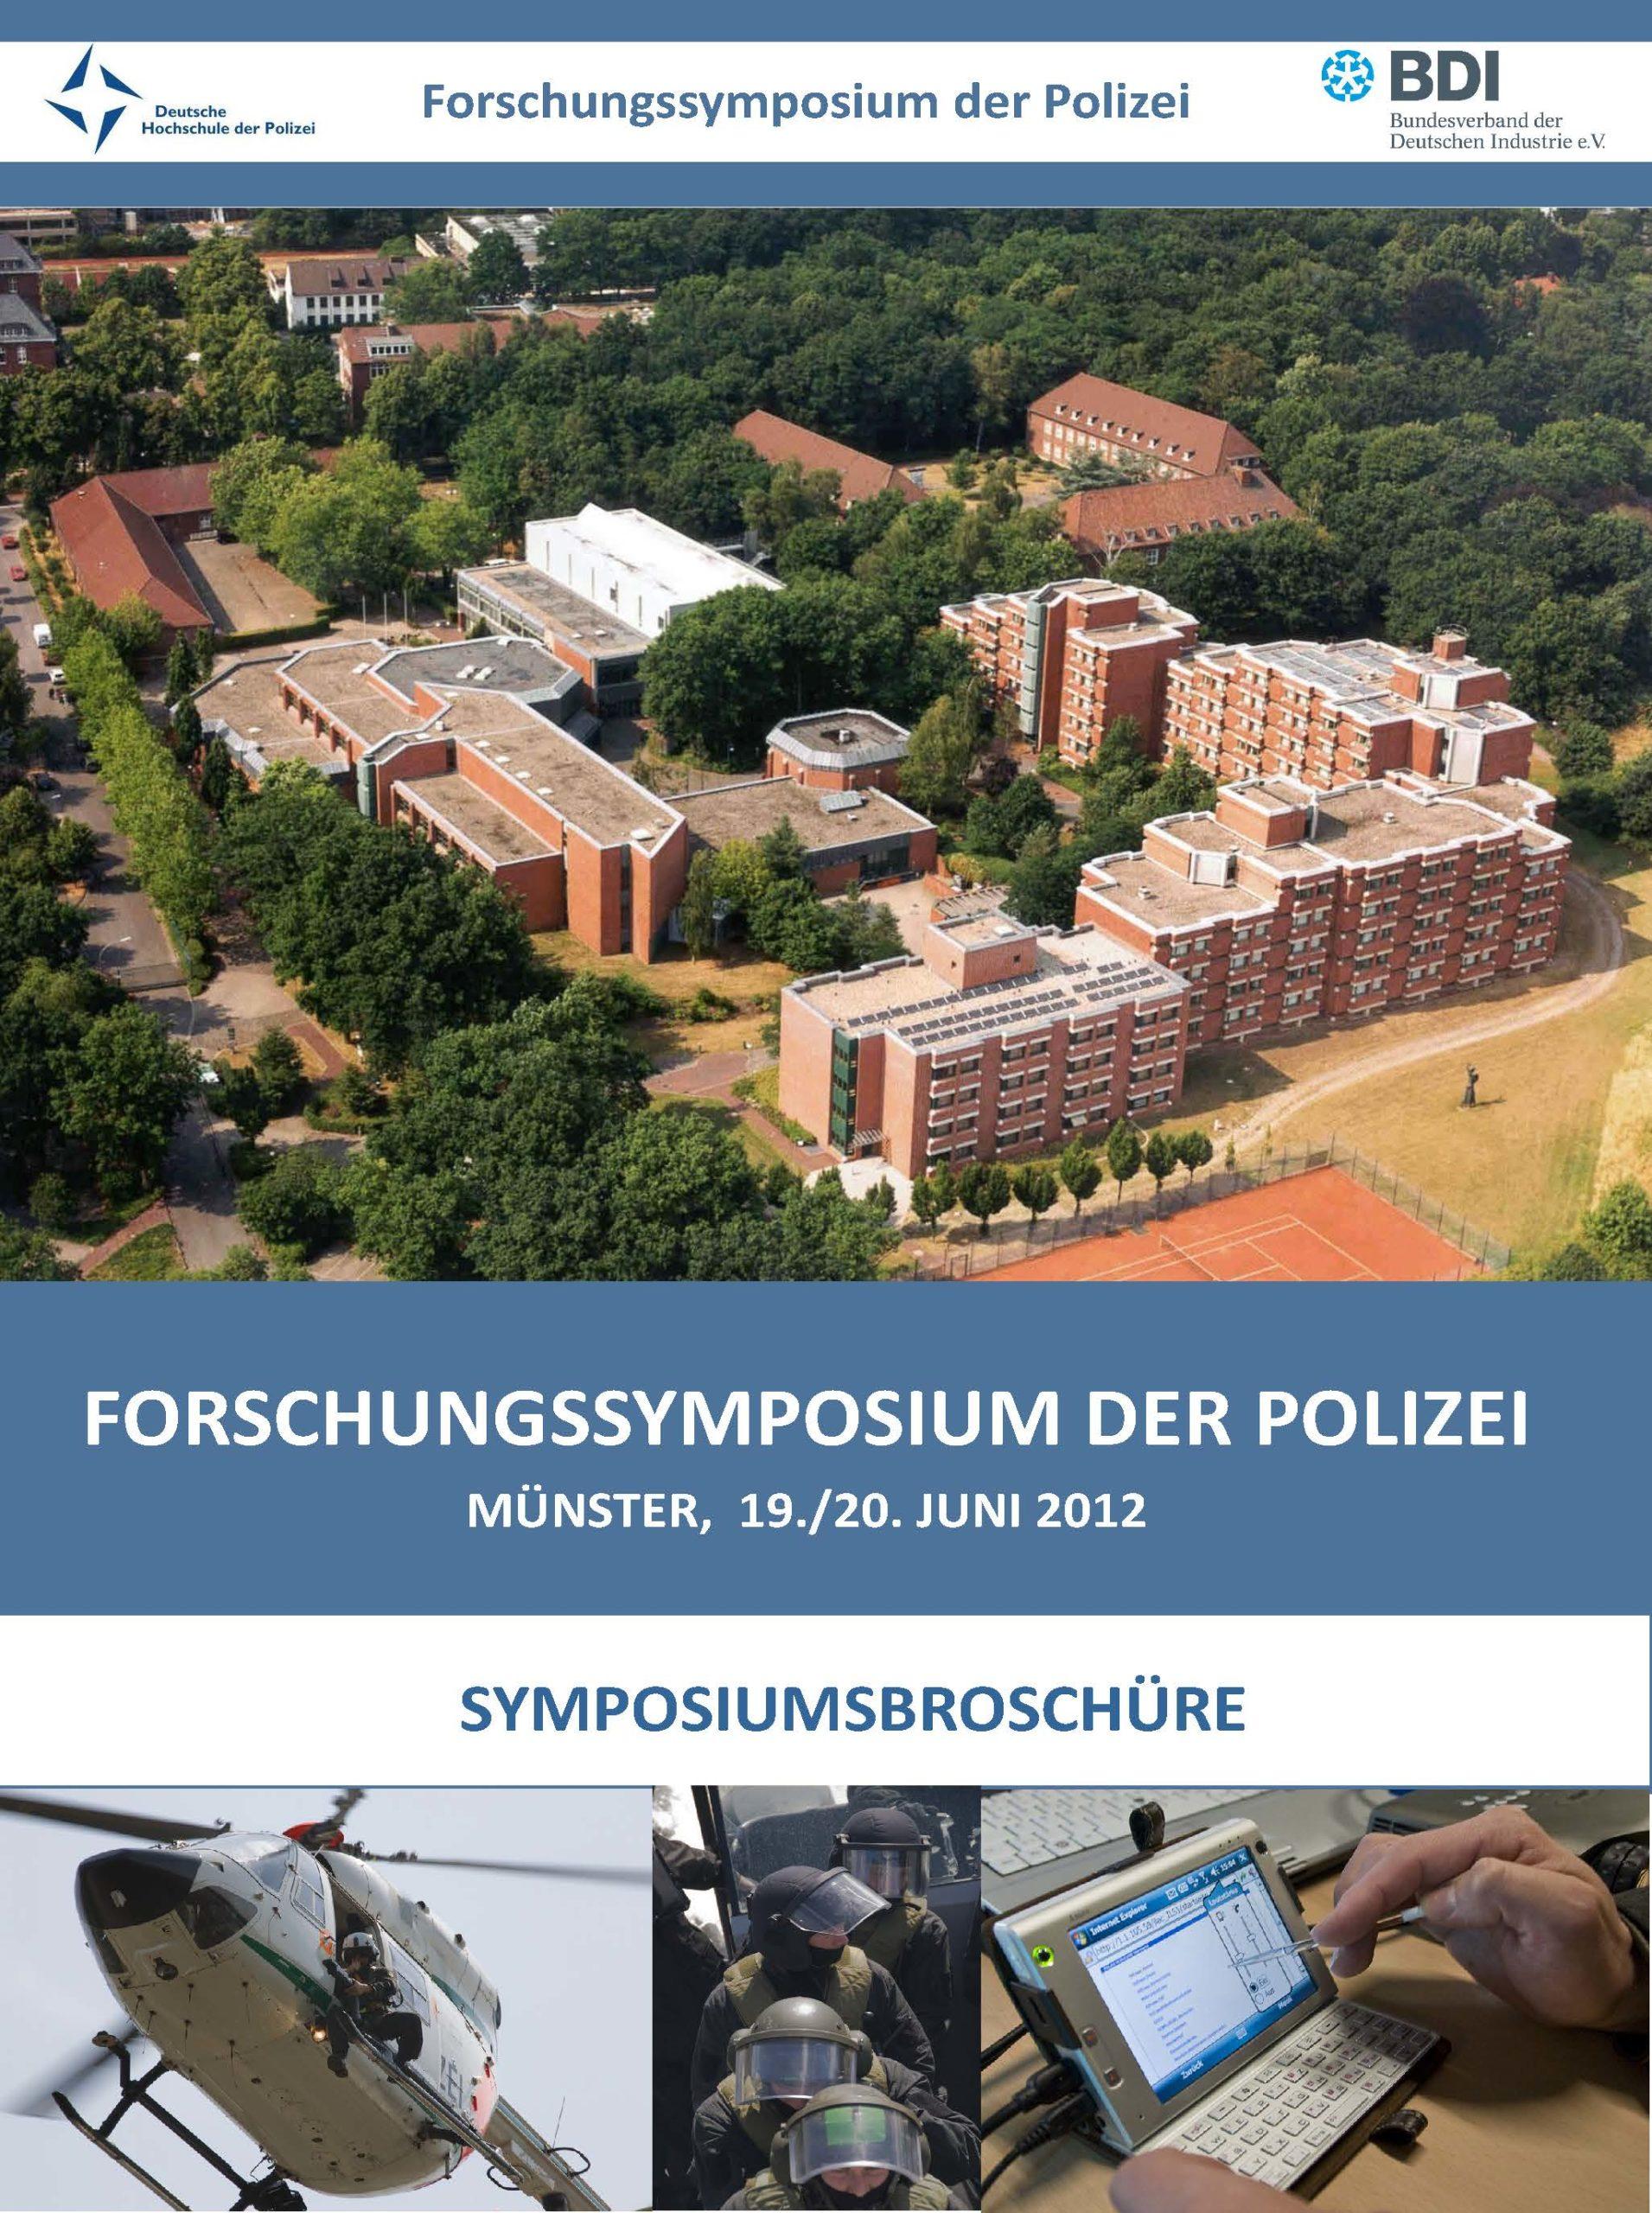 Forschungs- und Technologiesymposium der Polizei